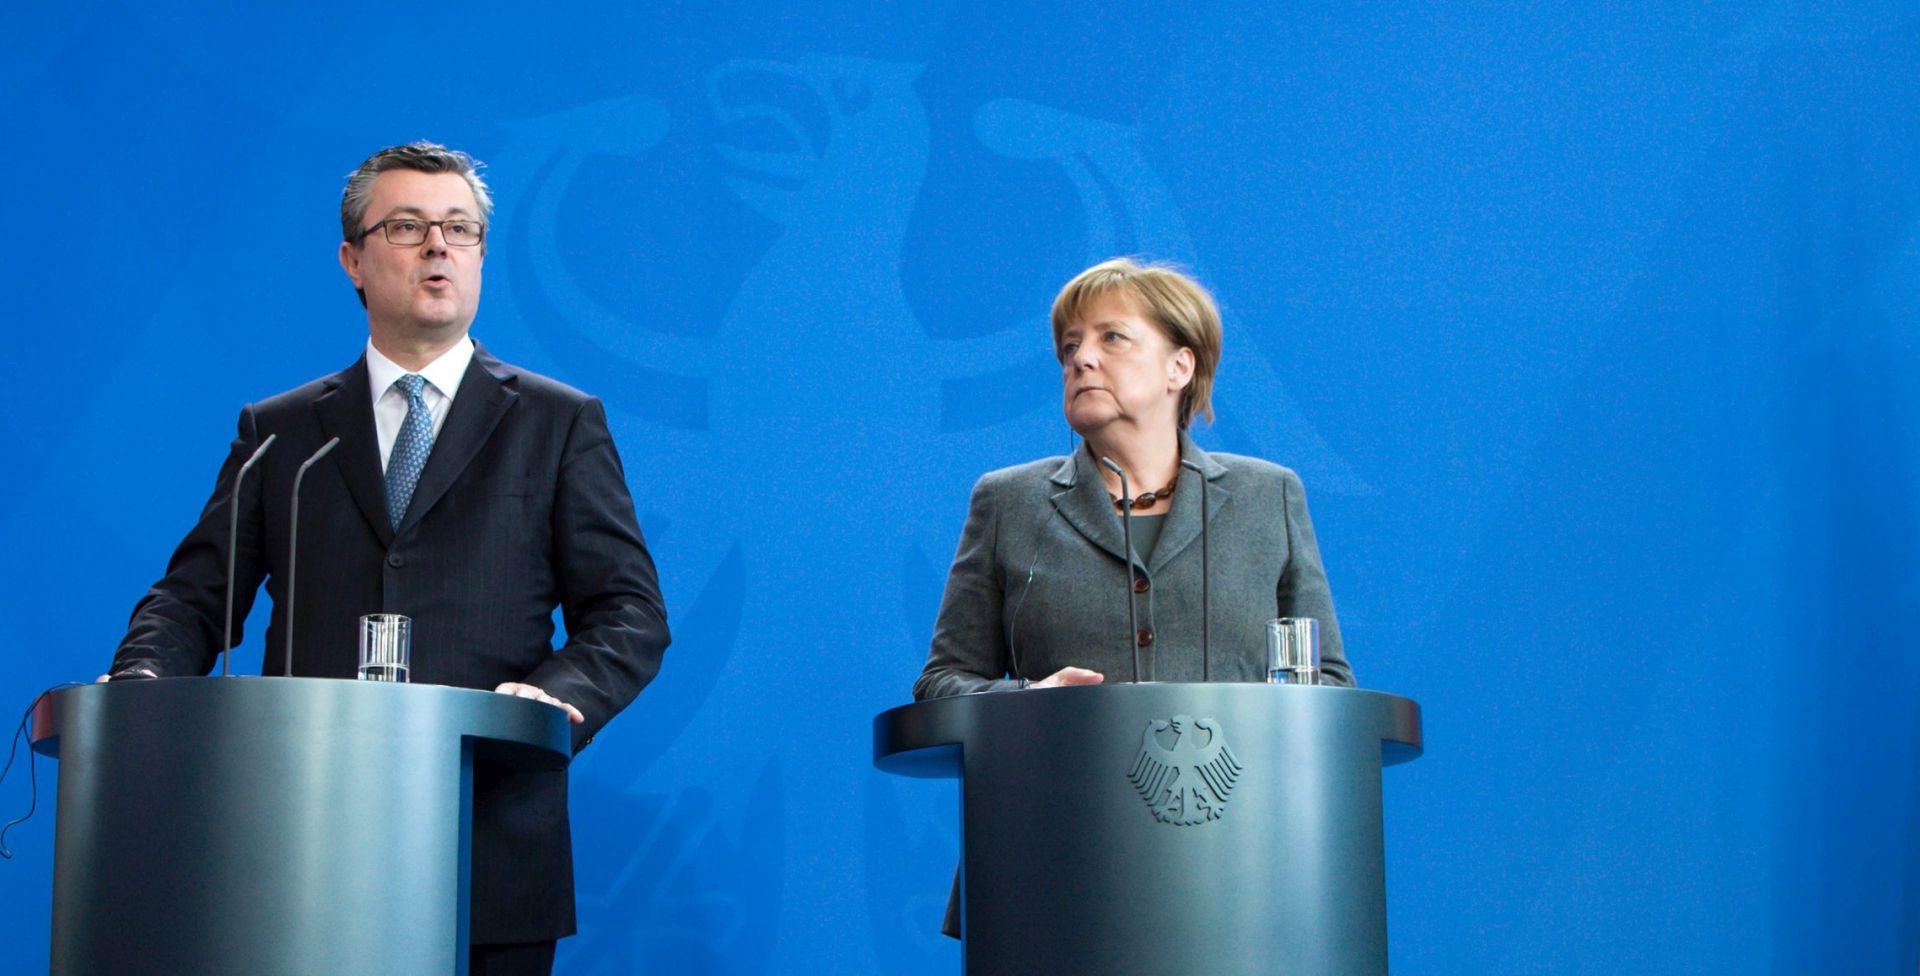 Merkel razgovara s čelnicima EU-a, Orešković u subotu u Njemačkoj